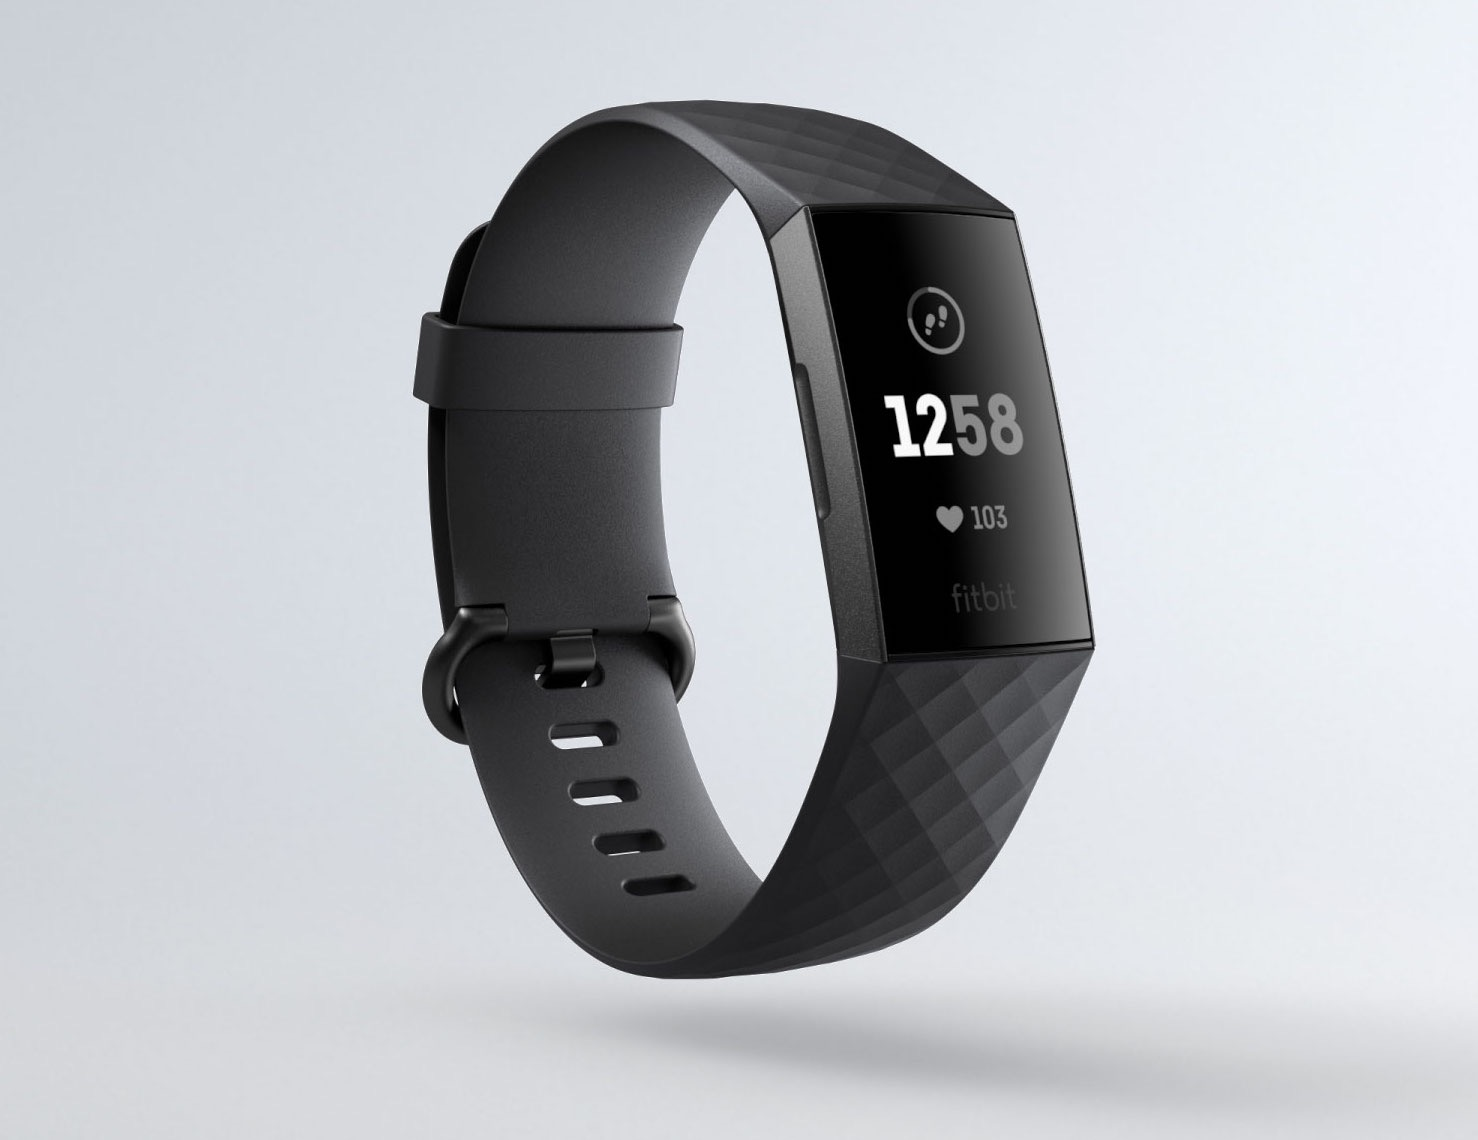 Fitbit Charge 3 : nouveau bracelet de suivi d'activité connecté, aluminium et 7 jours d'autonomie 1